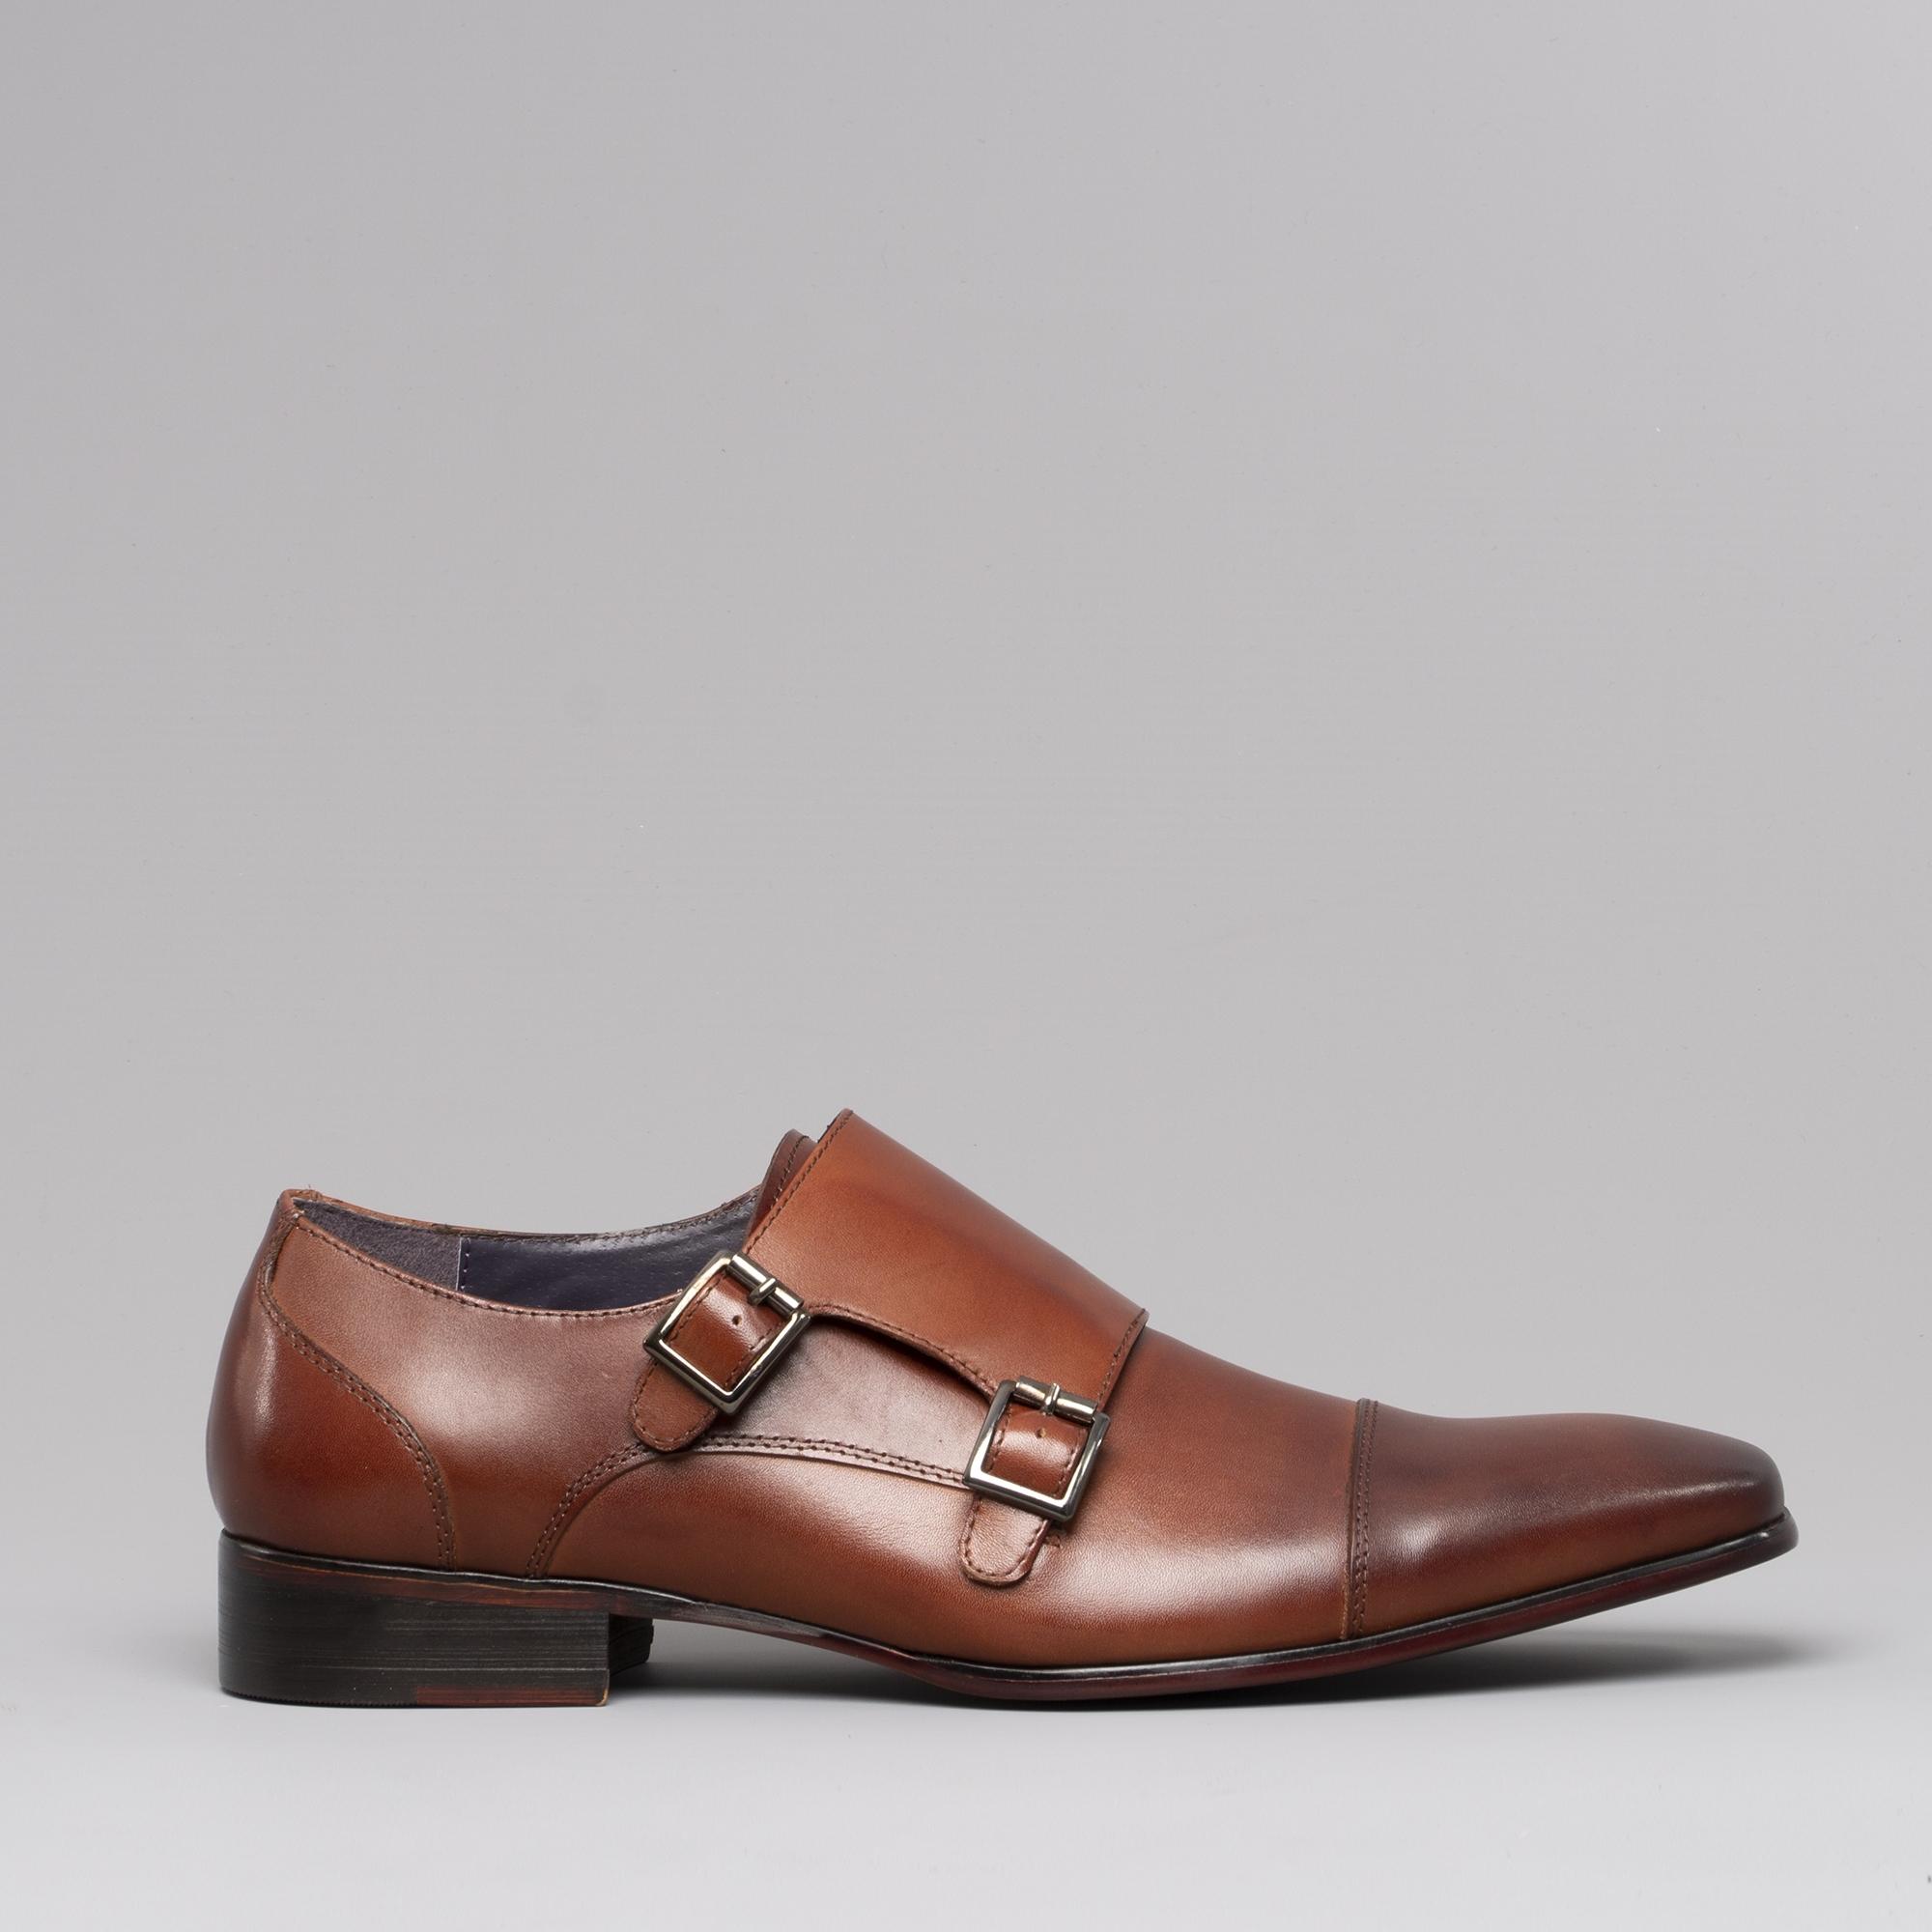 Gucinari Senna Mens Toecap Leather Monk Shoes Tan Buy At Shuperb